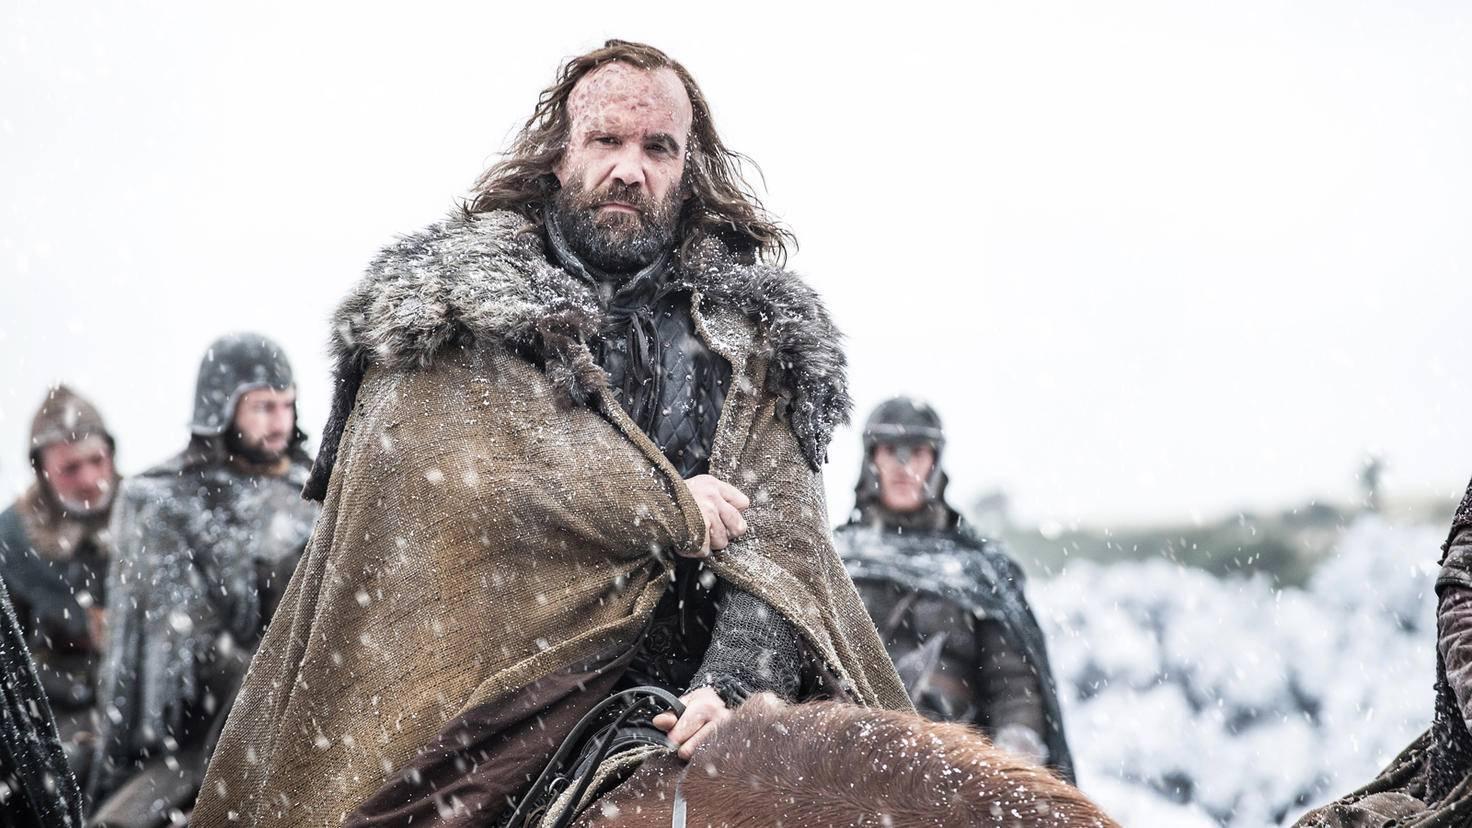 Langsam aber sicher wird Sandor Clegane zum sanftmütigen Riesen.